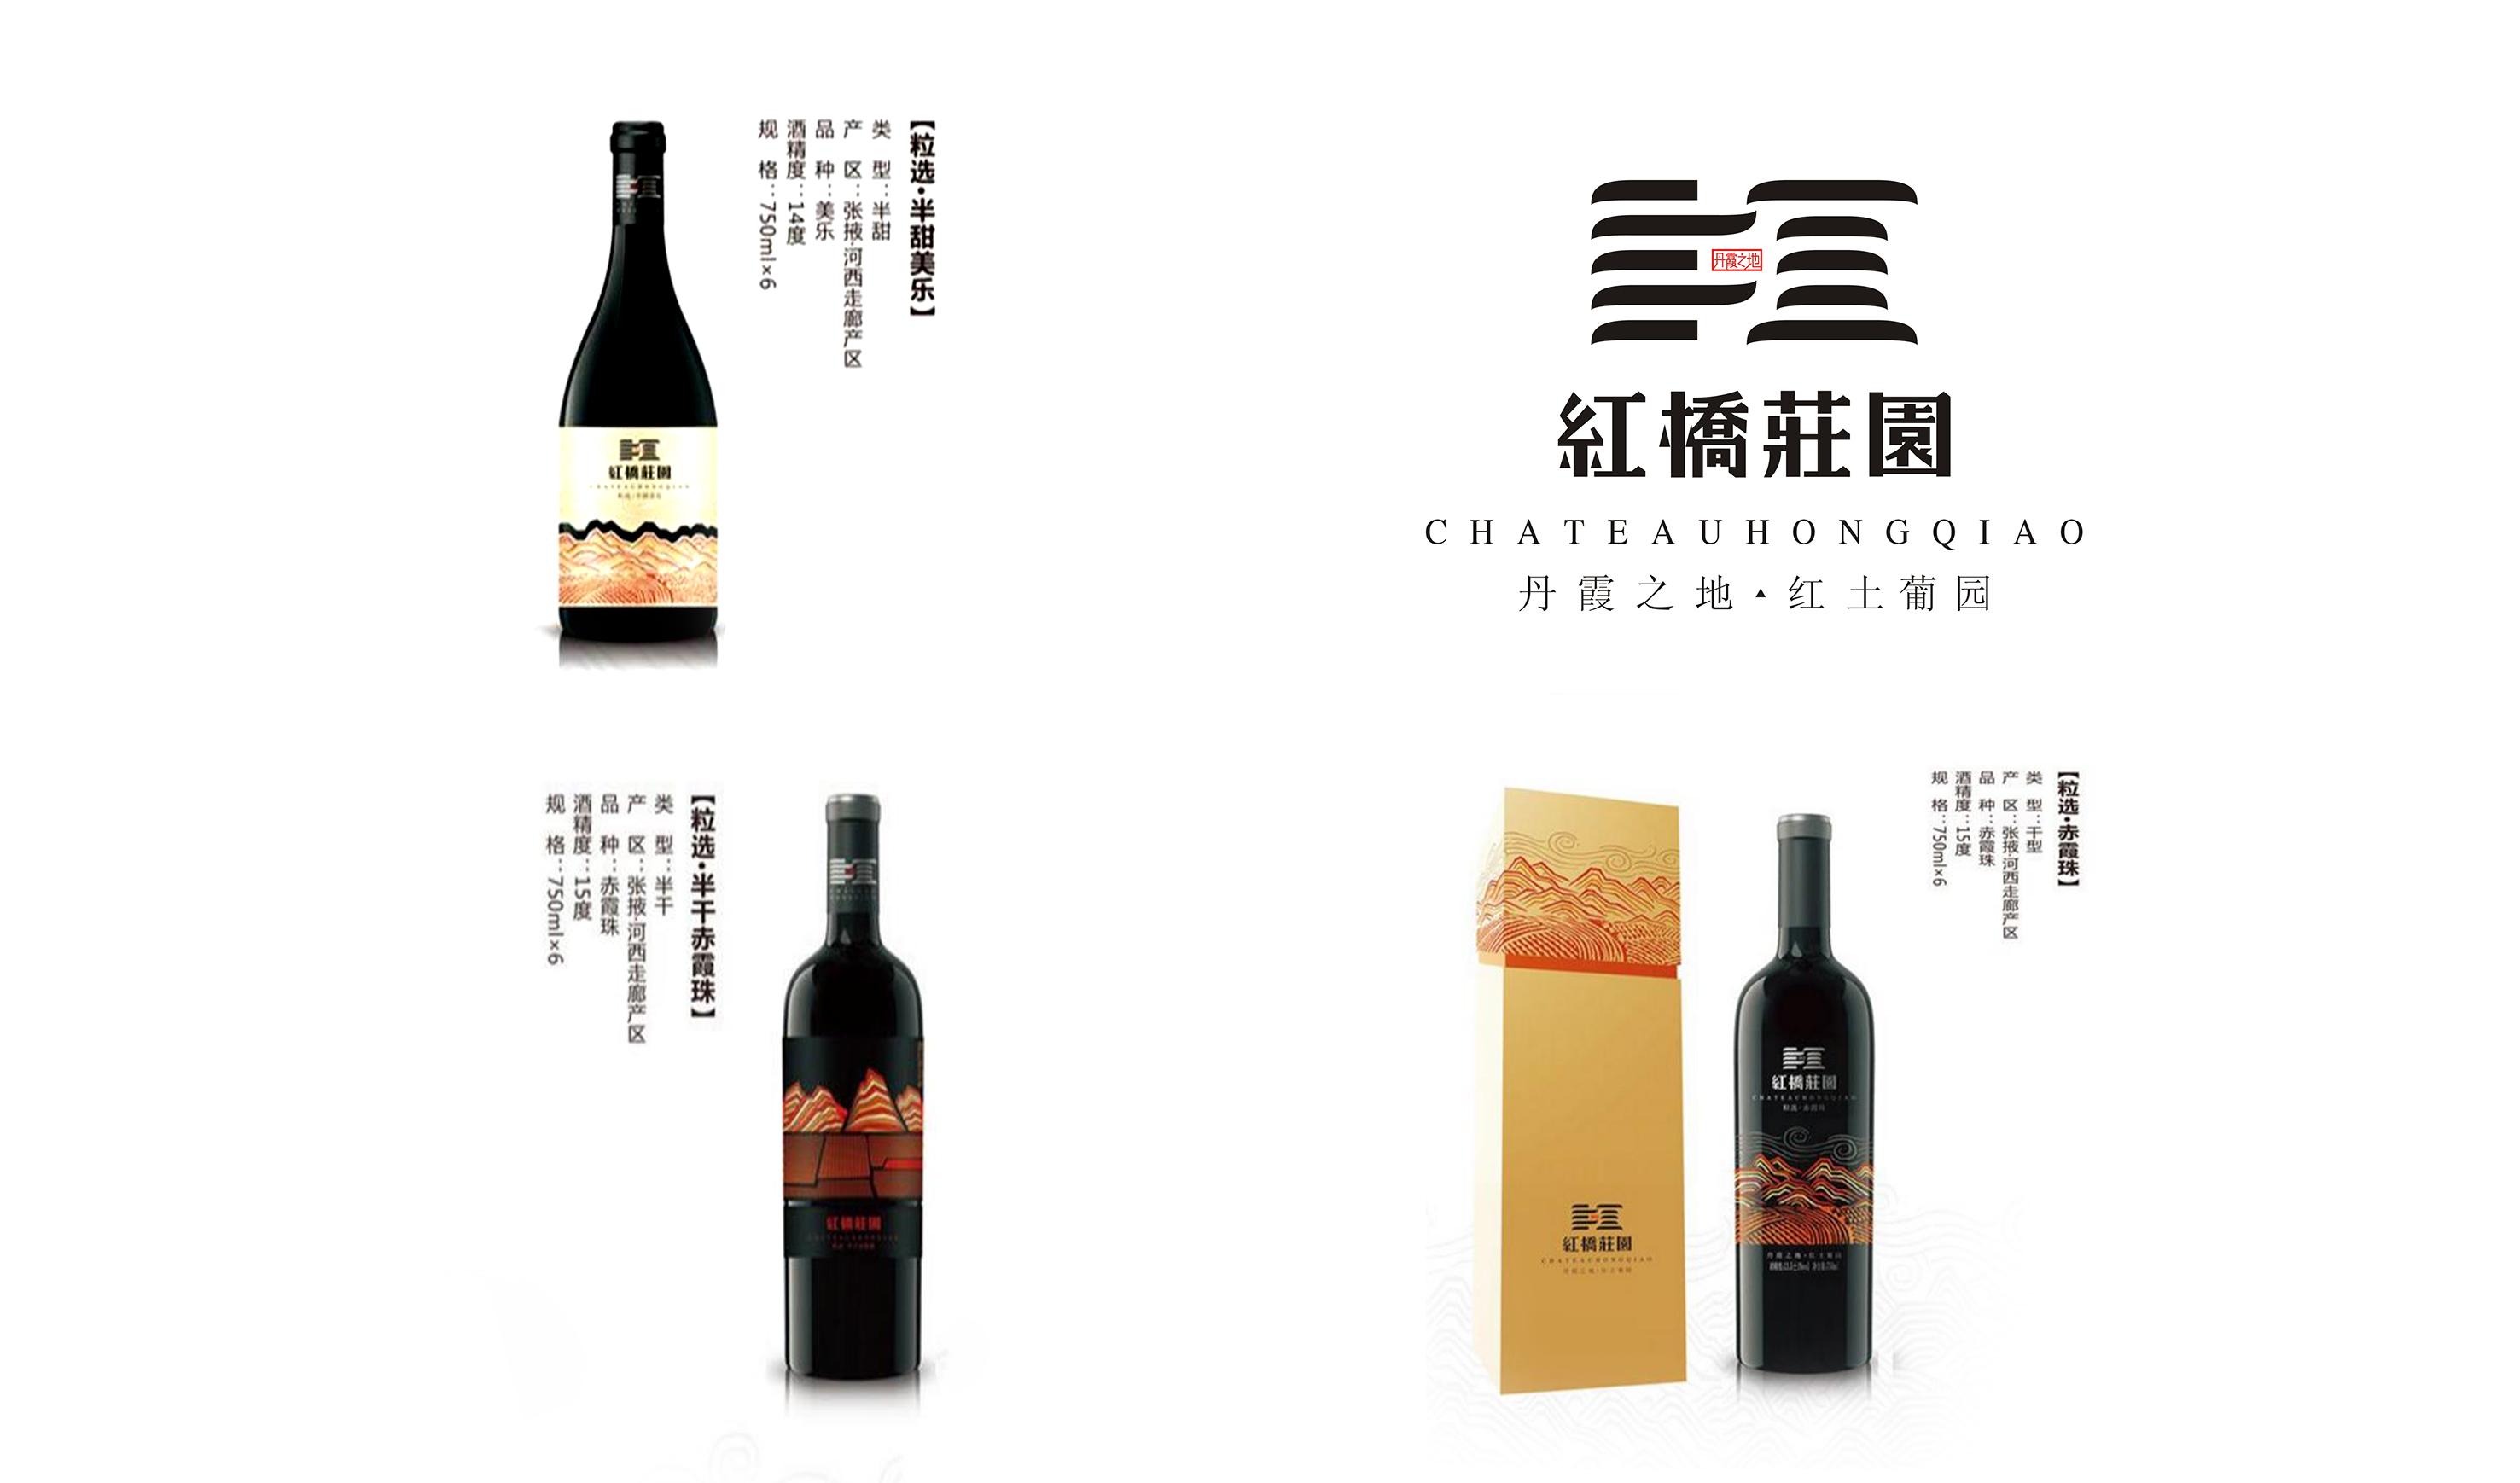 古一,酒水包装设计,红酒包装,包装设计,酒包装,古一设计